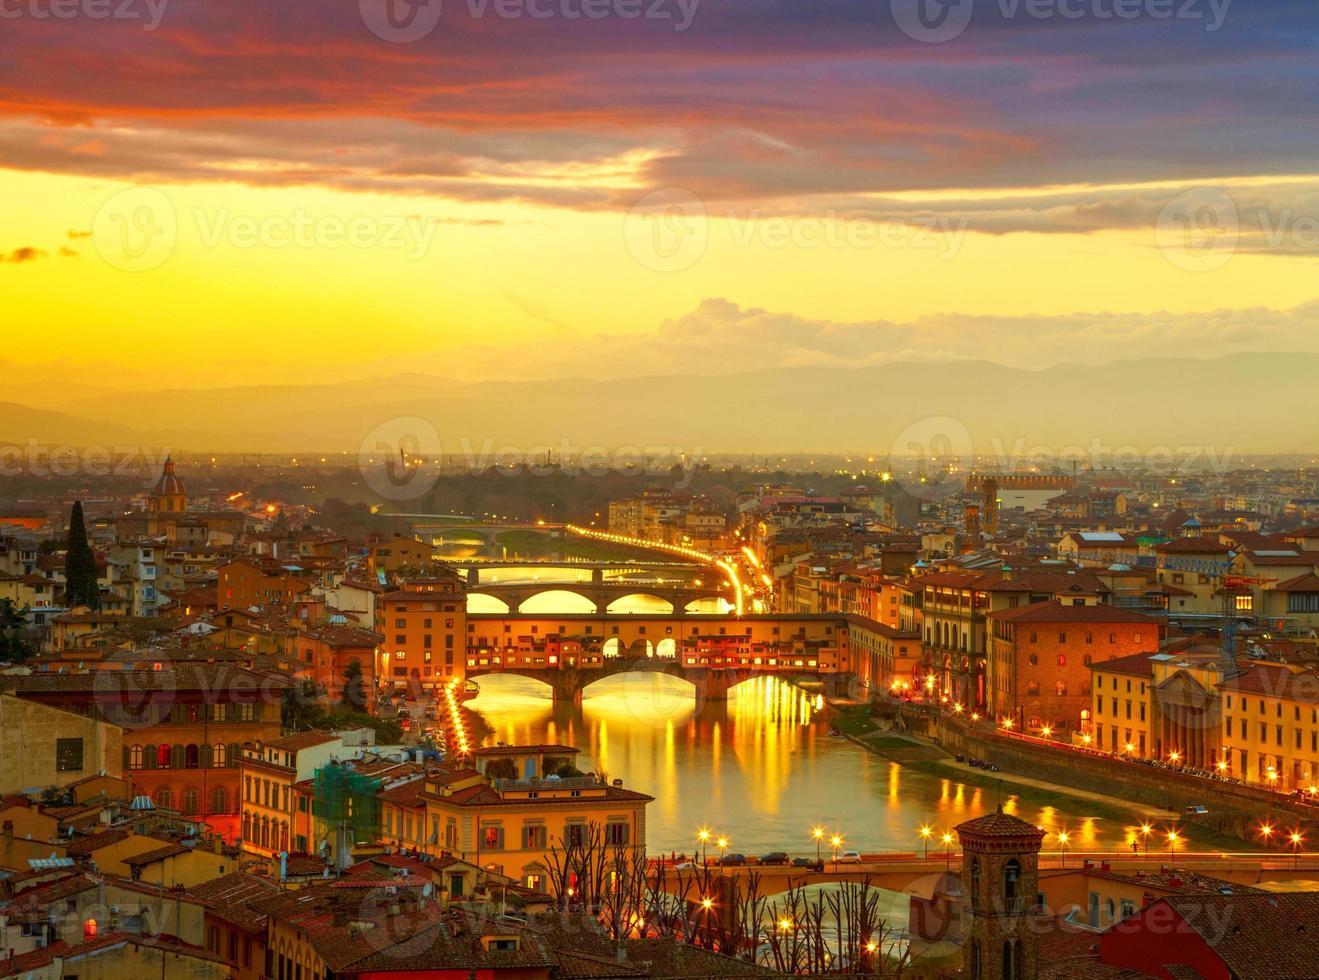 vista del atardecer del puente ponte vecchio. Florencia, Italia foto